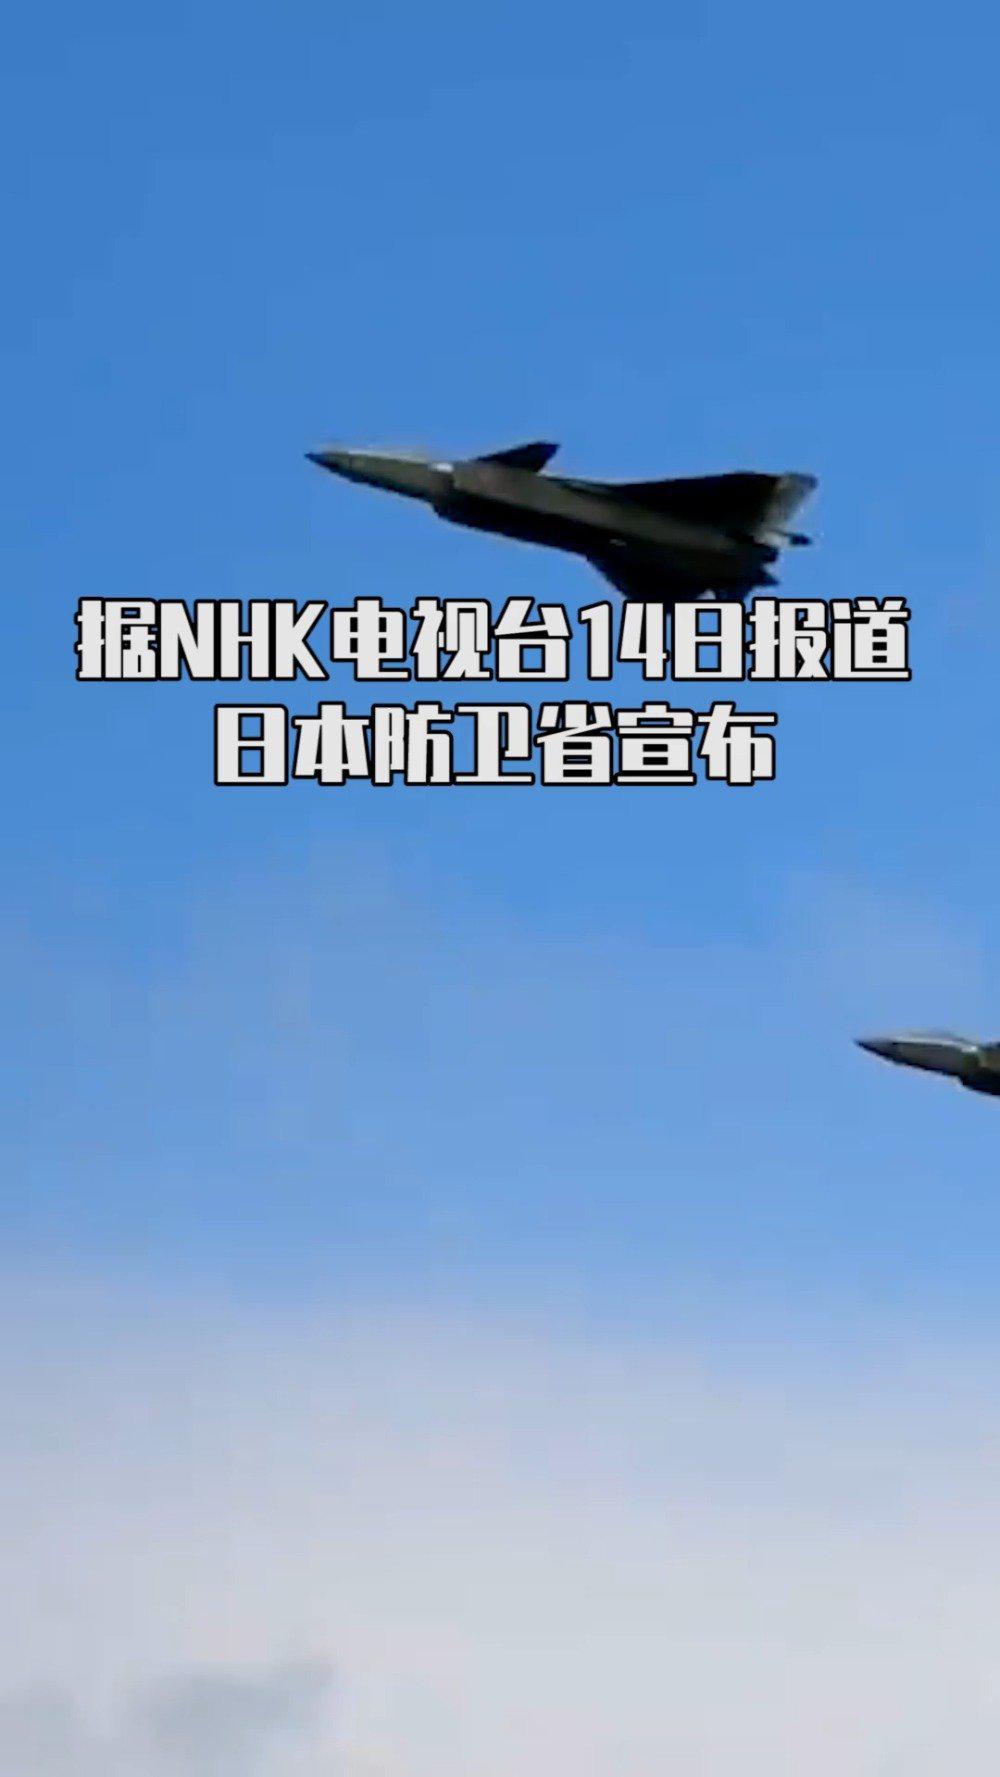 日本防卫省坚持加强航空自卫队战斗能力